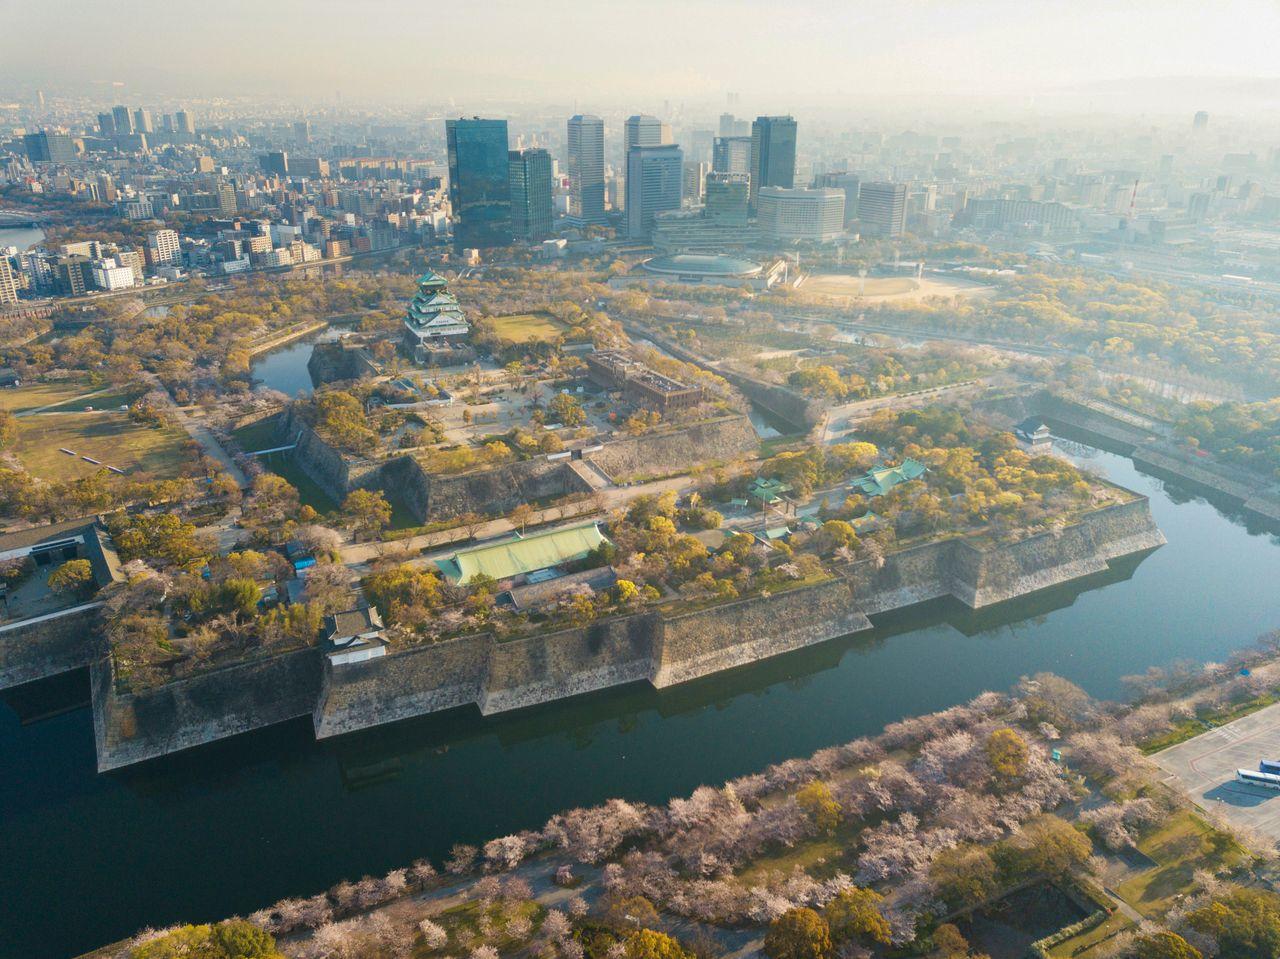 Парк замка Осака, в центре которого возвышается цитадель с главной замковой башней